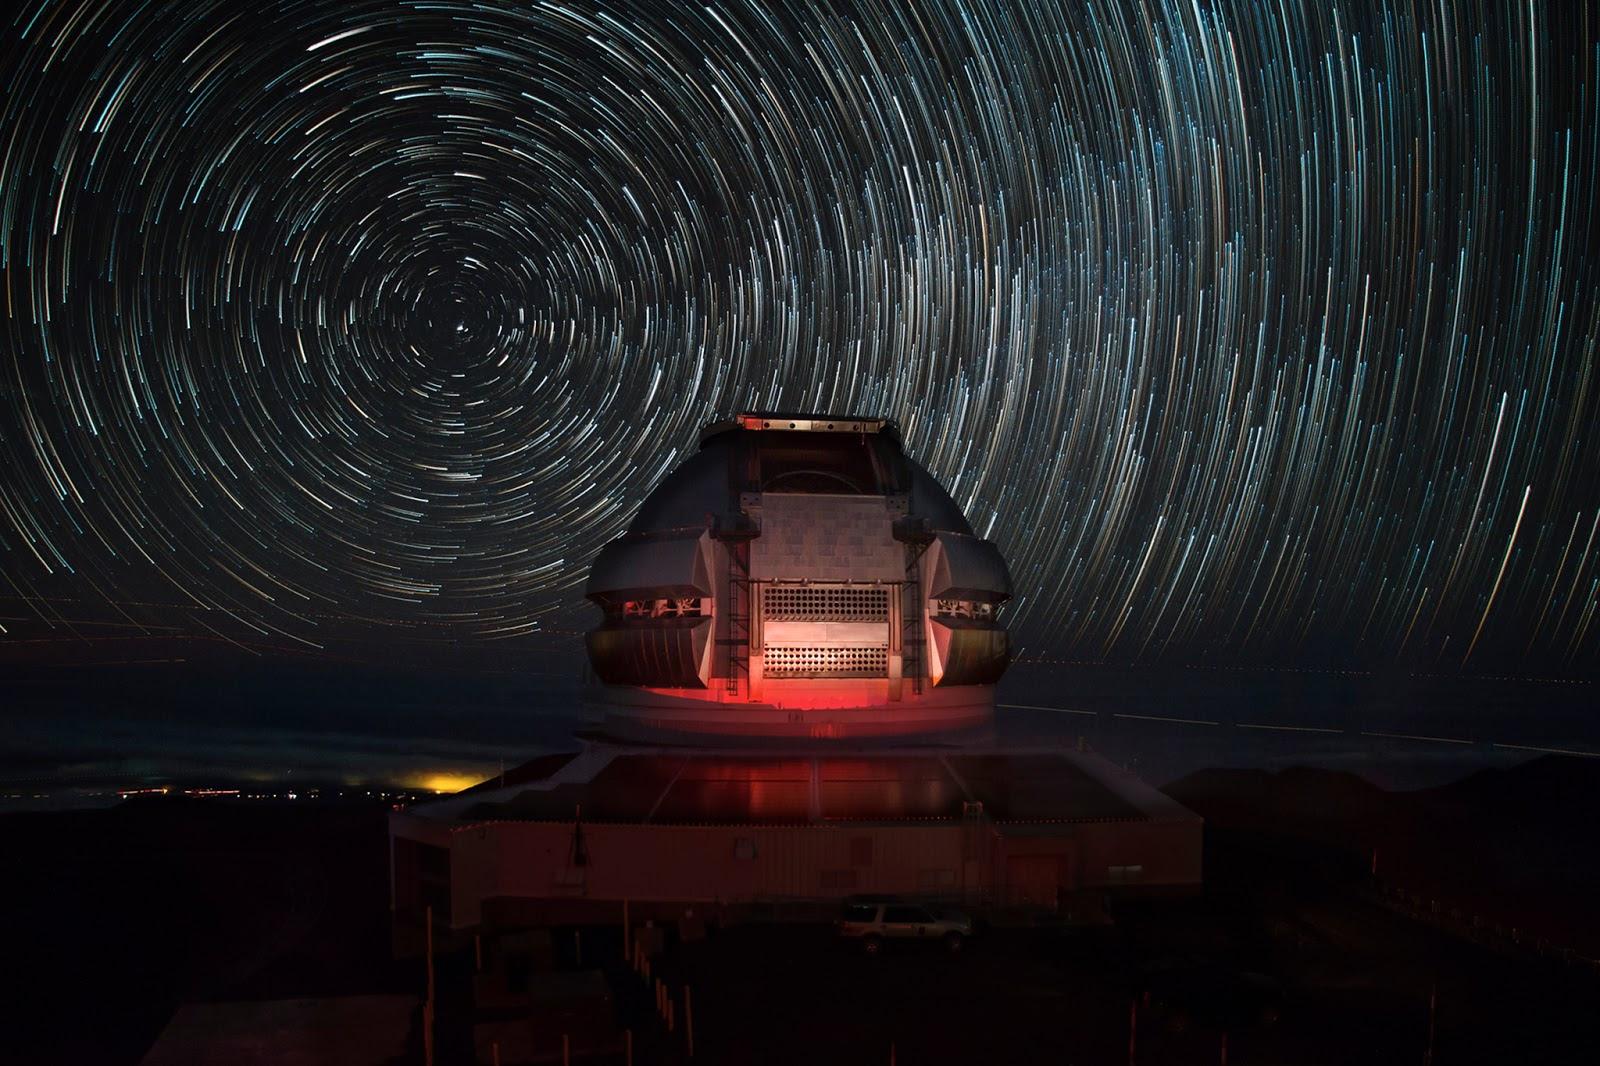 Đài quan sát Gemini bán cầu bắc. Tác giả: Joy Pollard (Gemini Observatory).